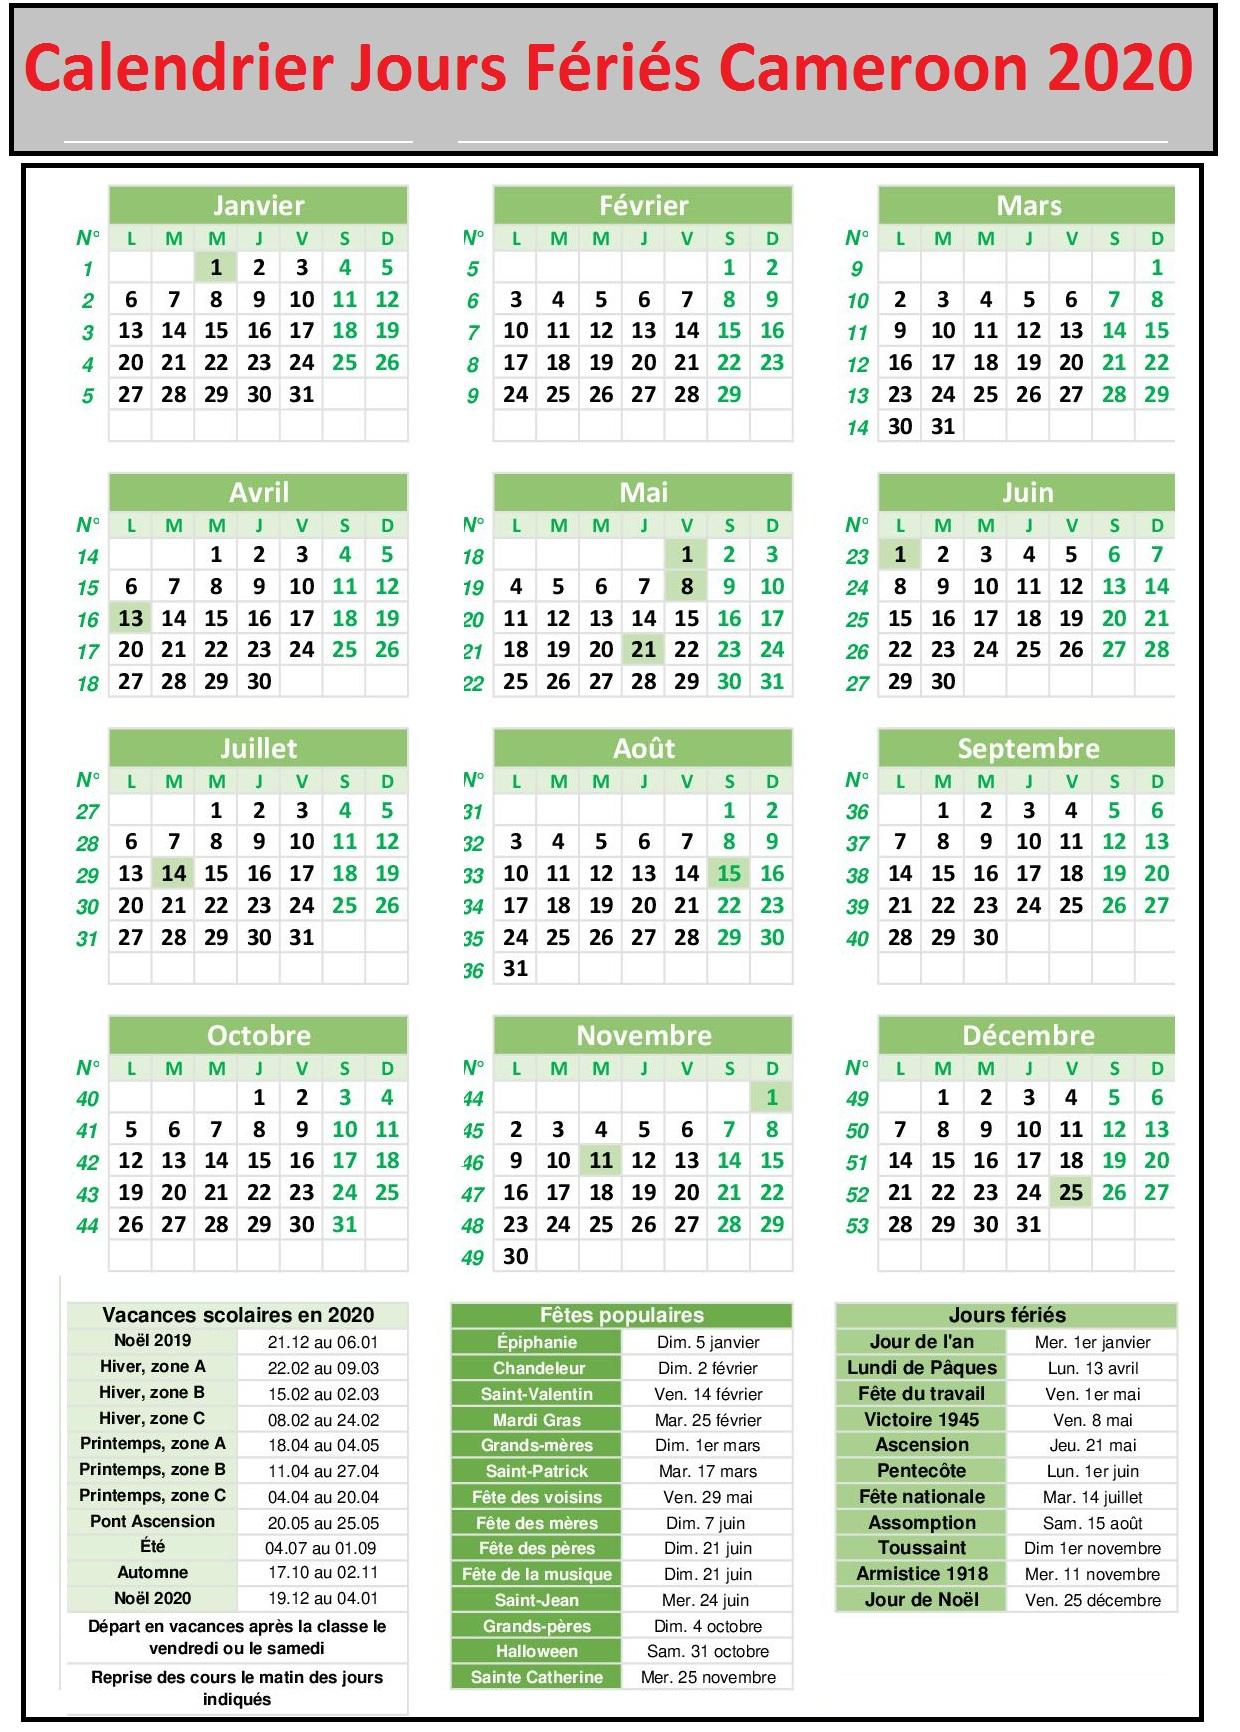 Calendrier Jours Feries Cameroun 2020 Et 2021